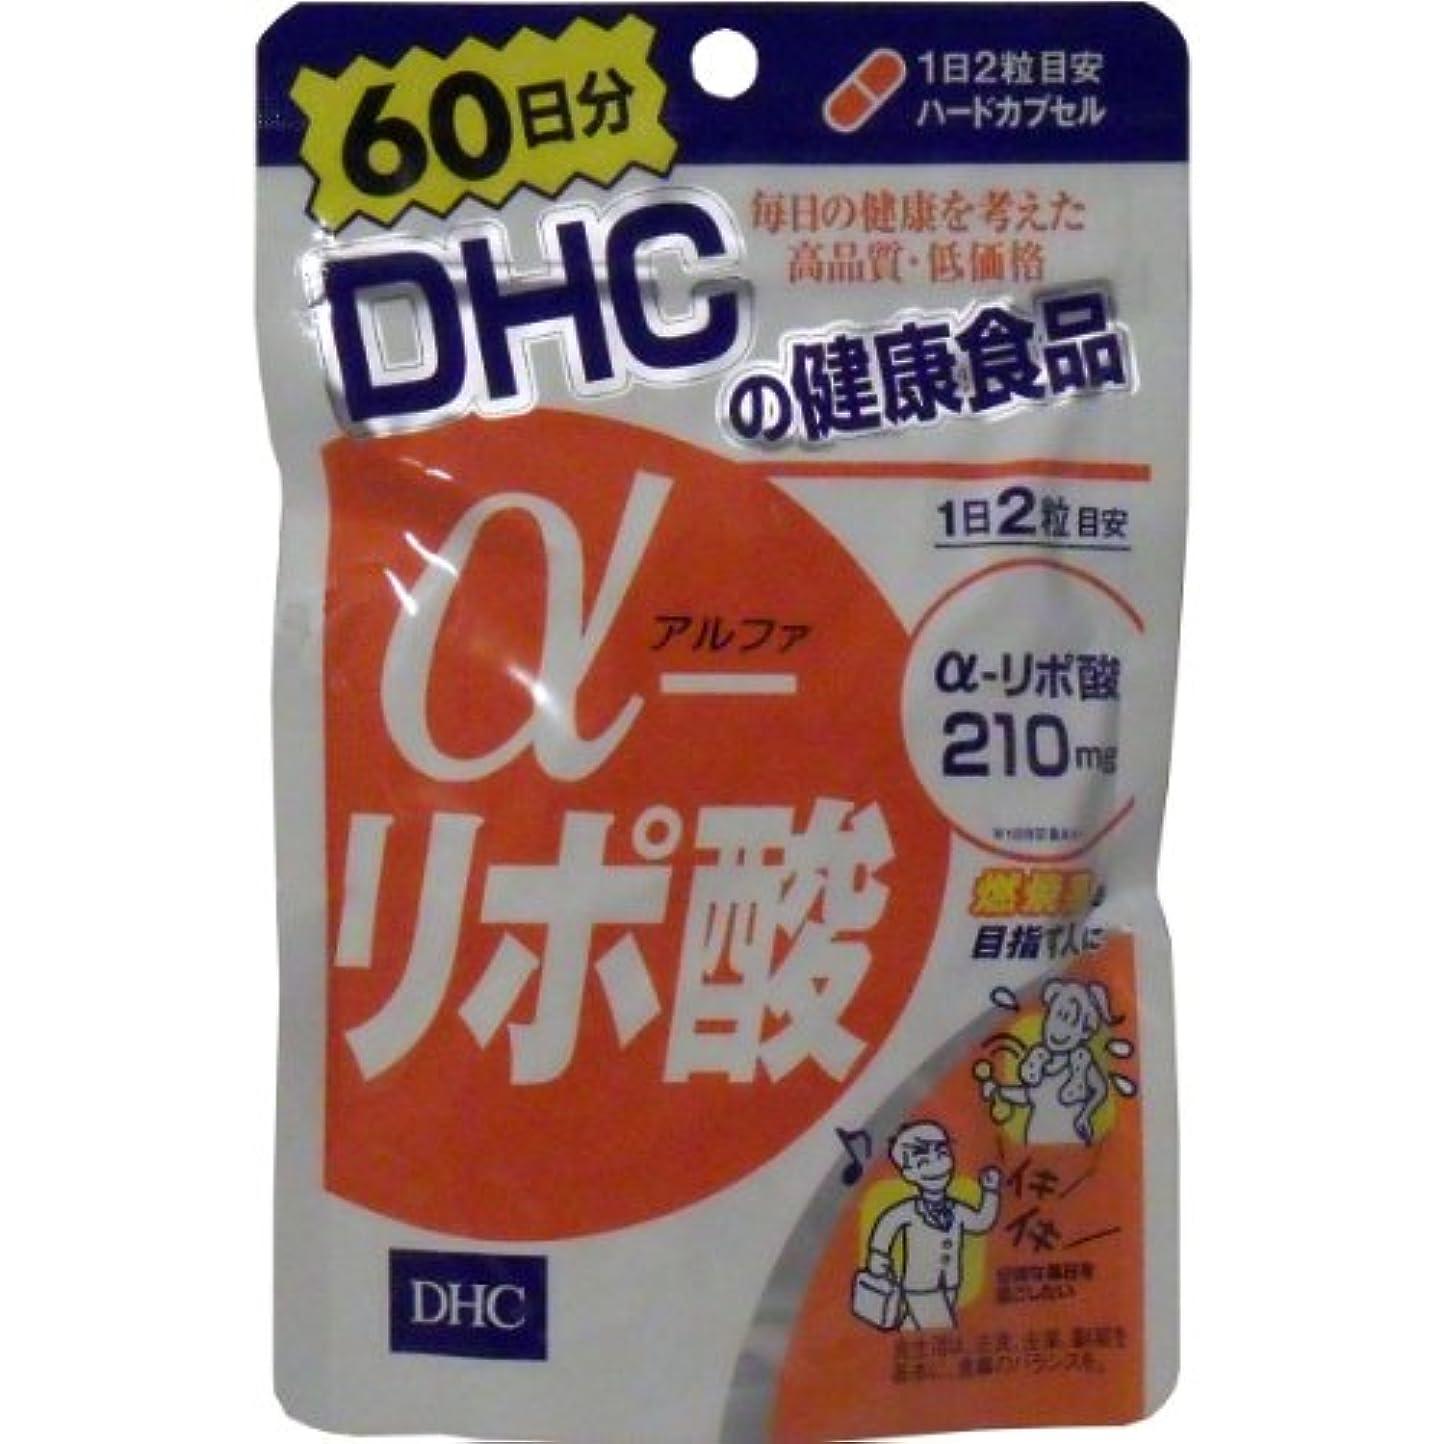 グラディス方言ドループα-リポ酸は、もともと体内にあるエネルギー活性成分。サプリメントでの効率的な補給がおすすめ!DHC120粒 60日分 【4個セット】